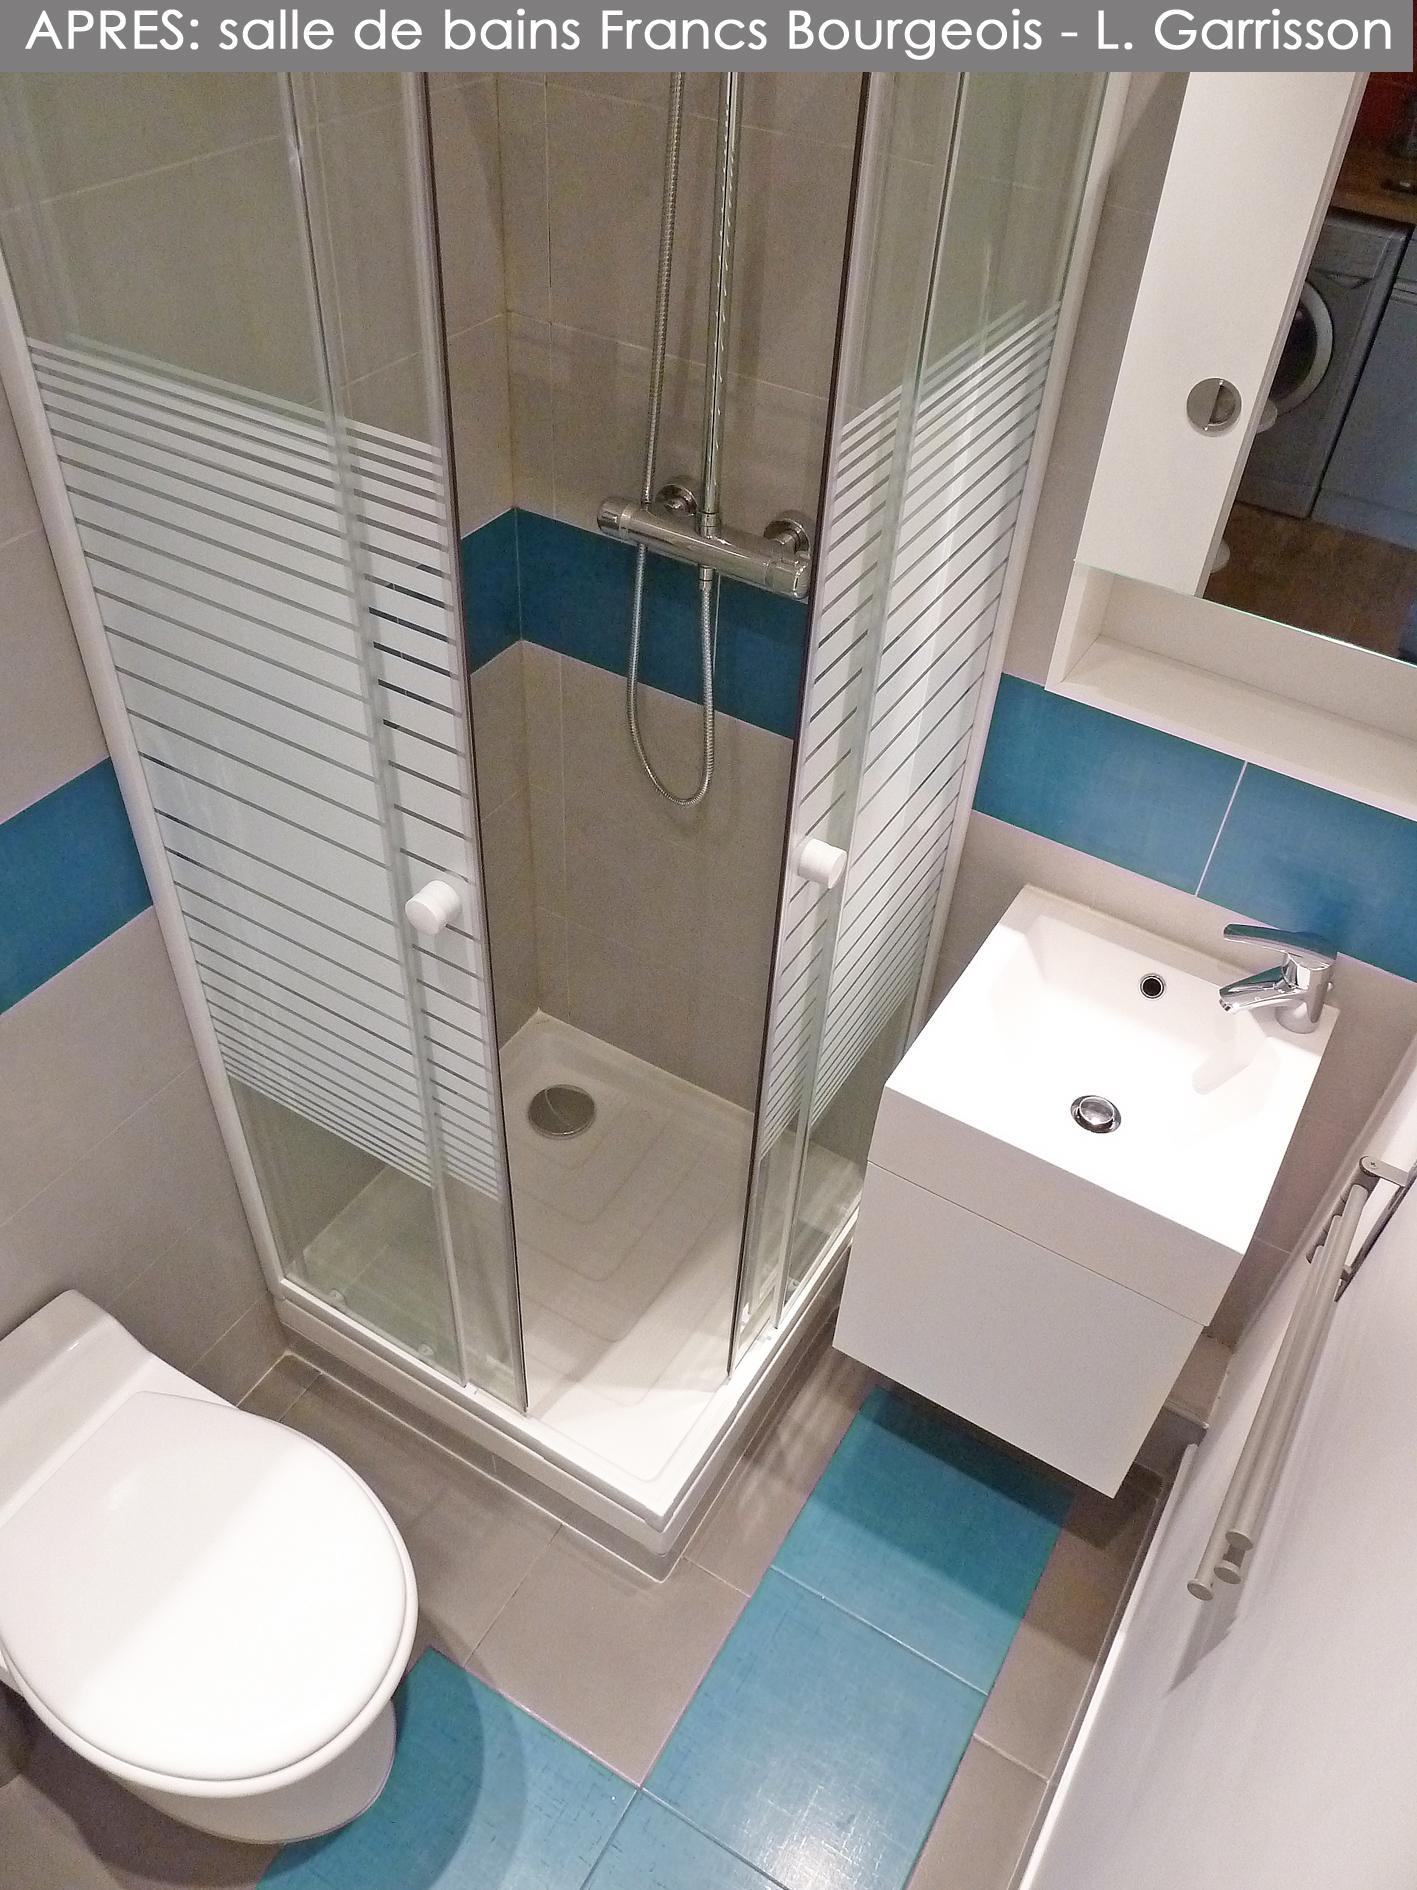 Decoration simple pour salle de bain for Salle de bain simple